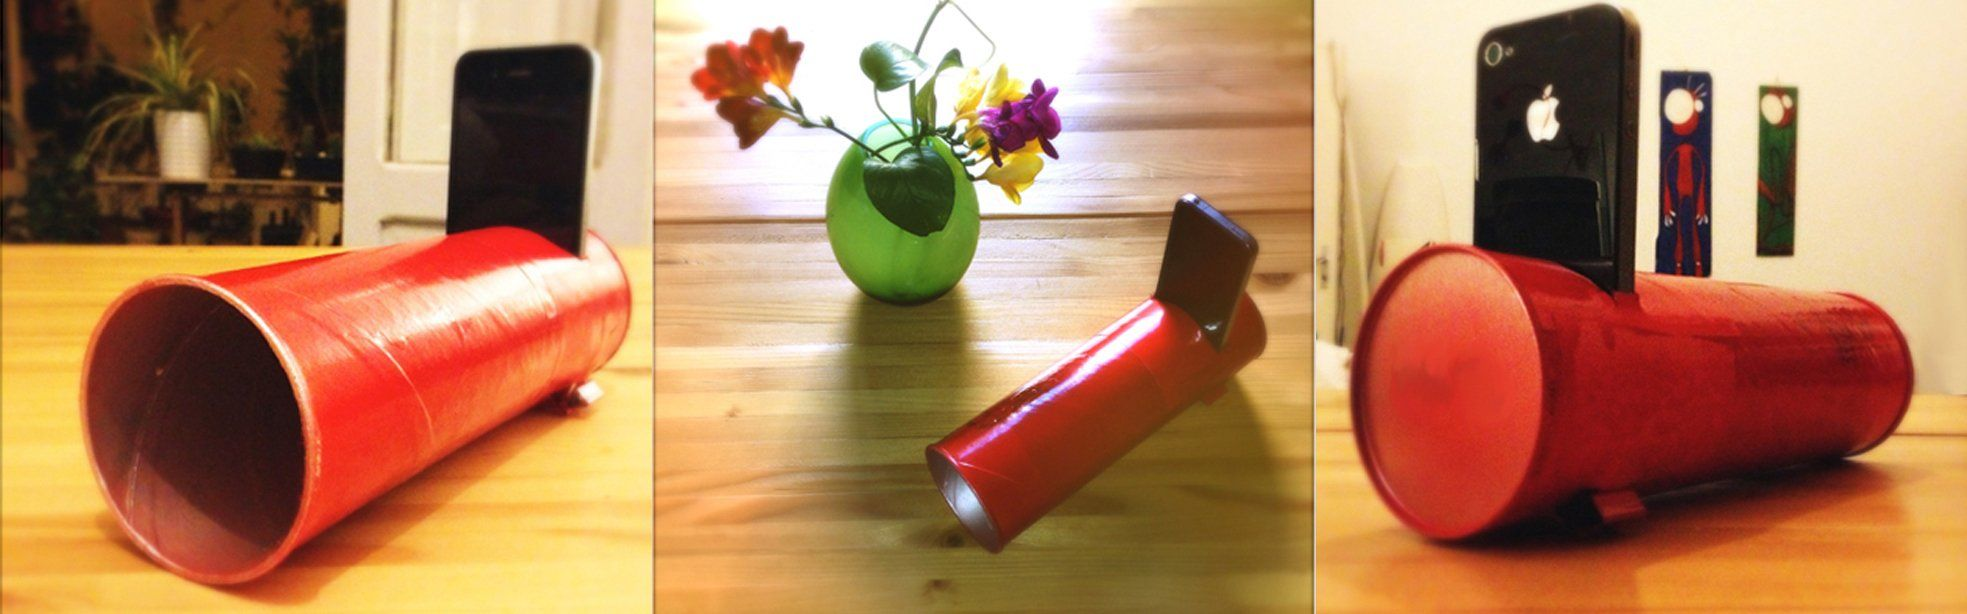 L'improbabile coppia: un tubo di patatine e un iphone